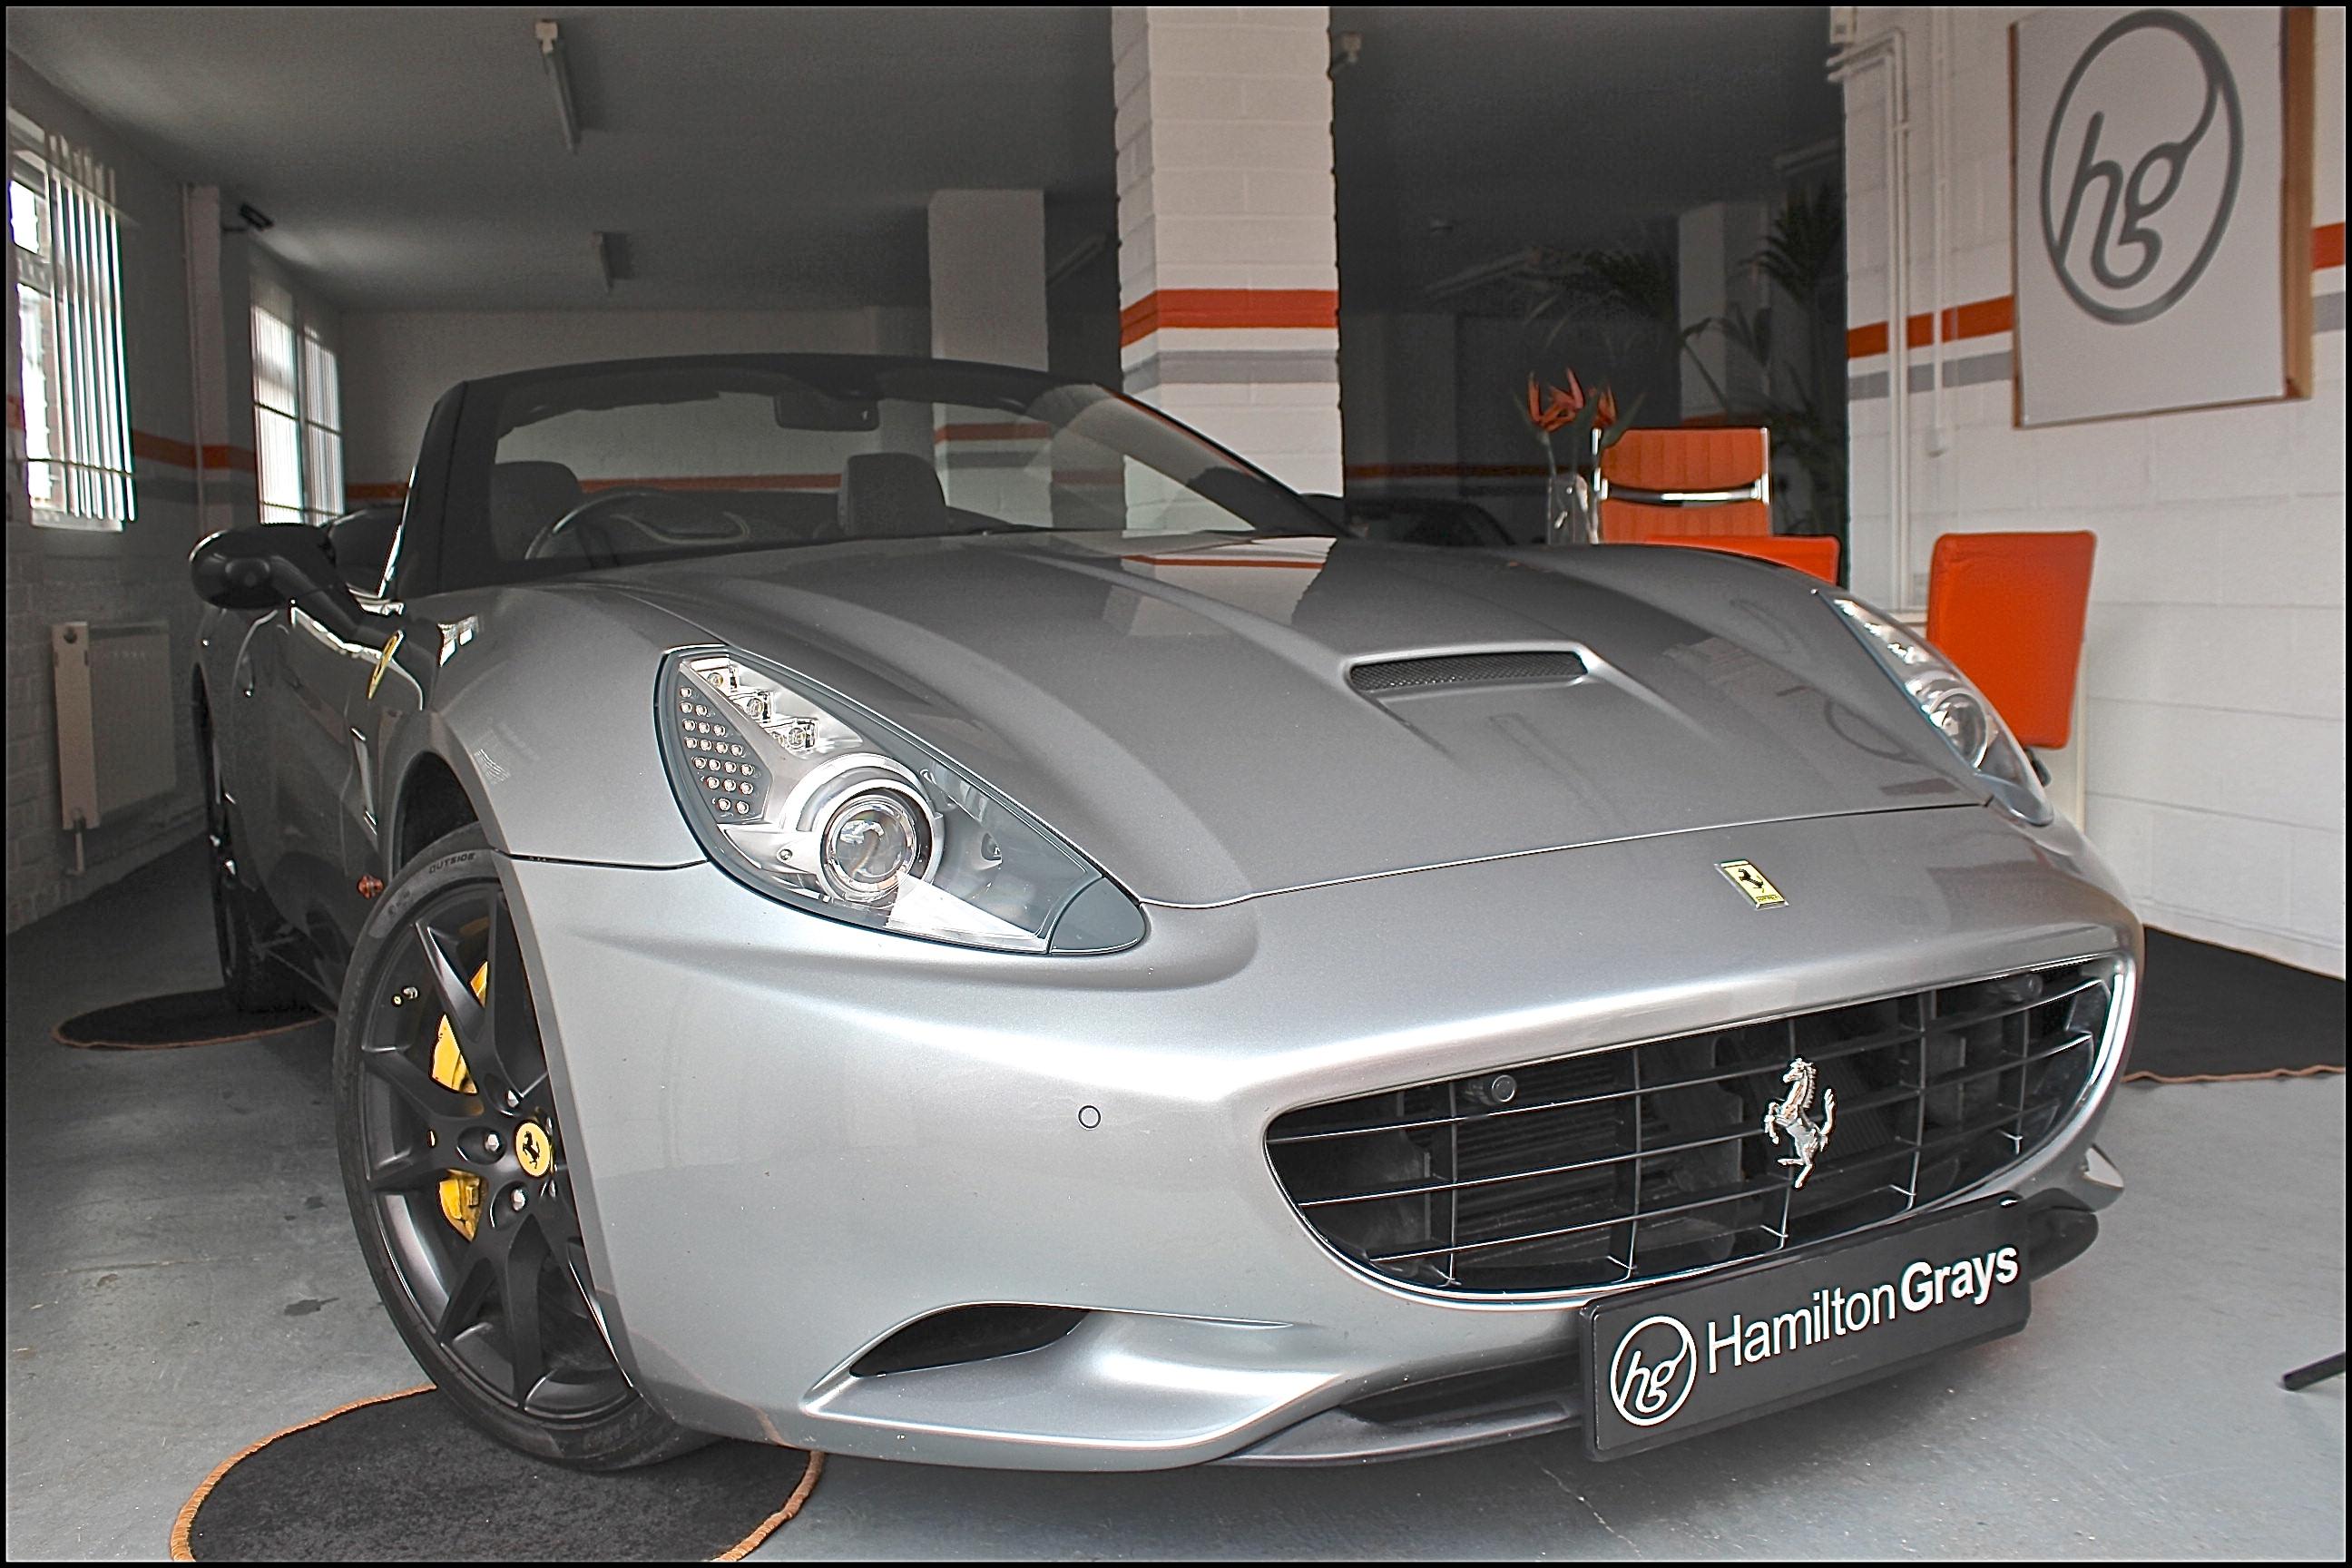 2010 Ferrari California In Grigio Silverstone With Black Hide And Carpets Low Mileage Ffsh Service And Mot Done June 2019 Sold Hamilton Grays